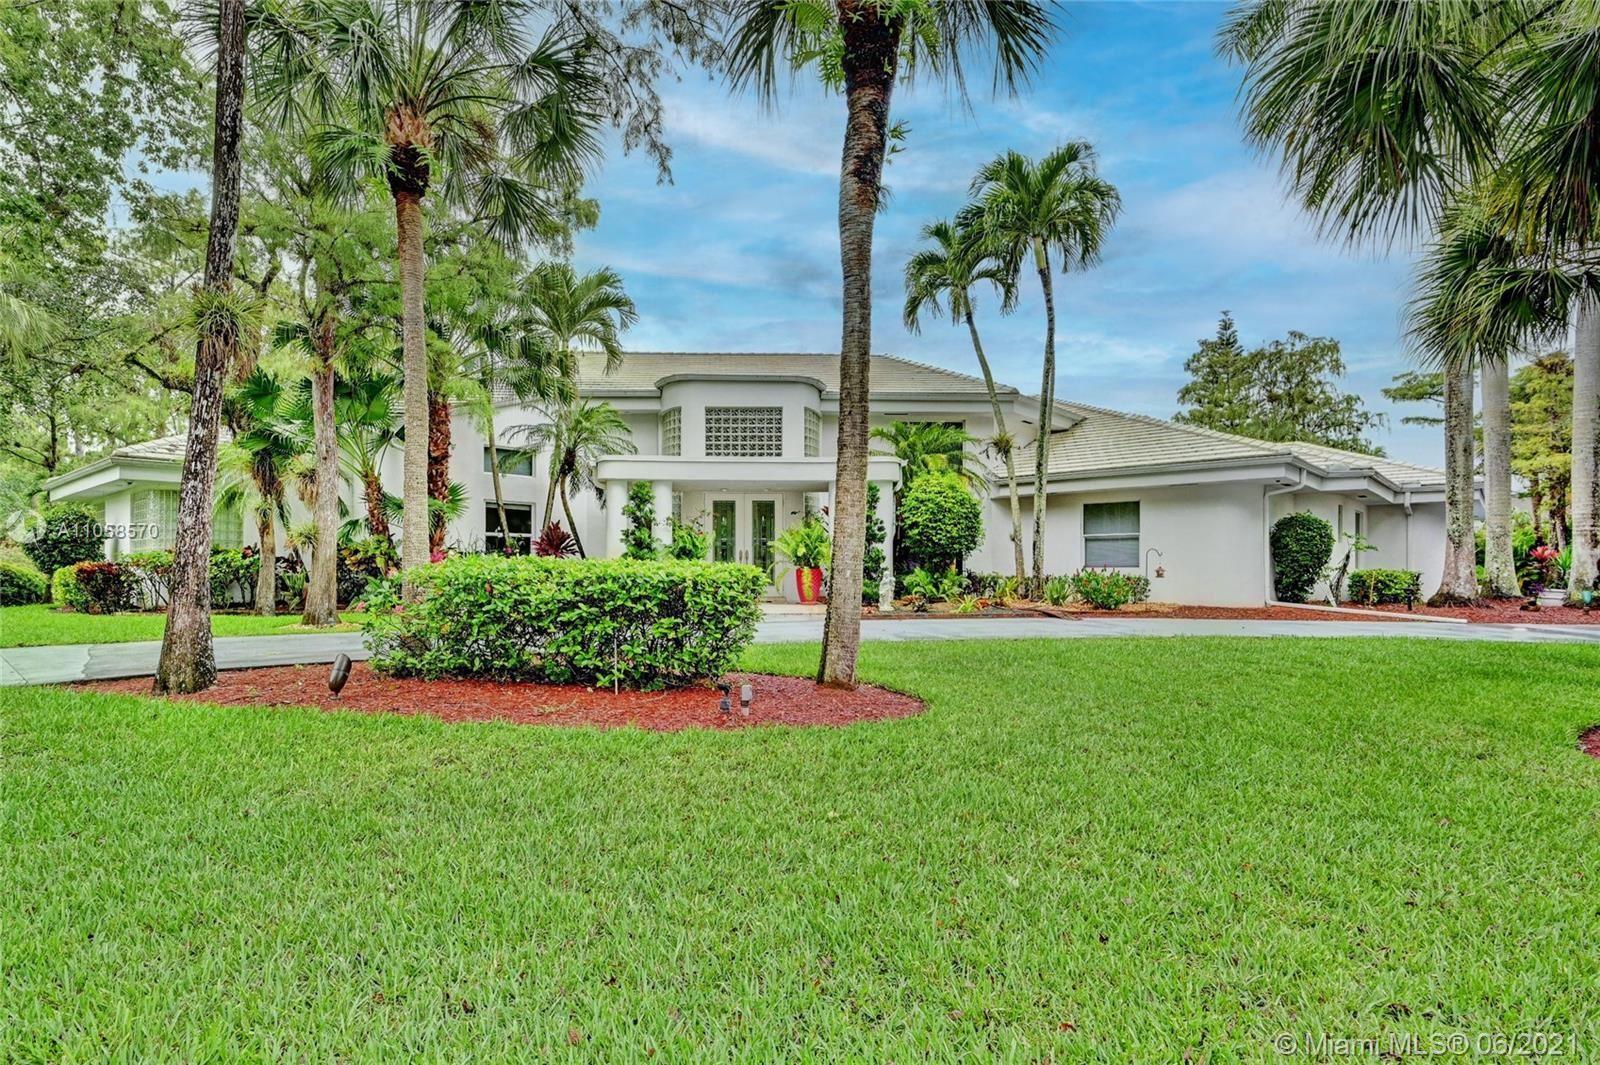 6631 NW 61st Ave, Parkland, FL 33067 - #: A11058570